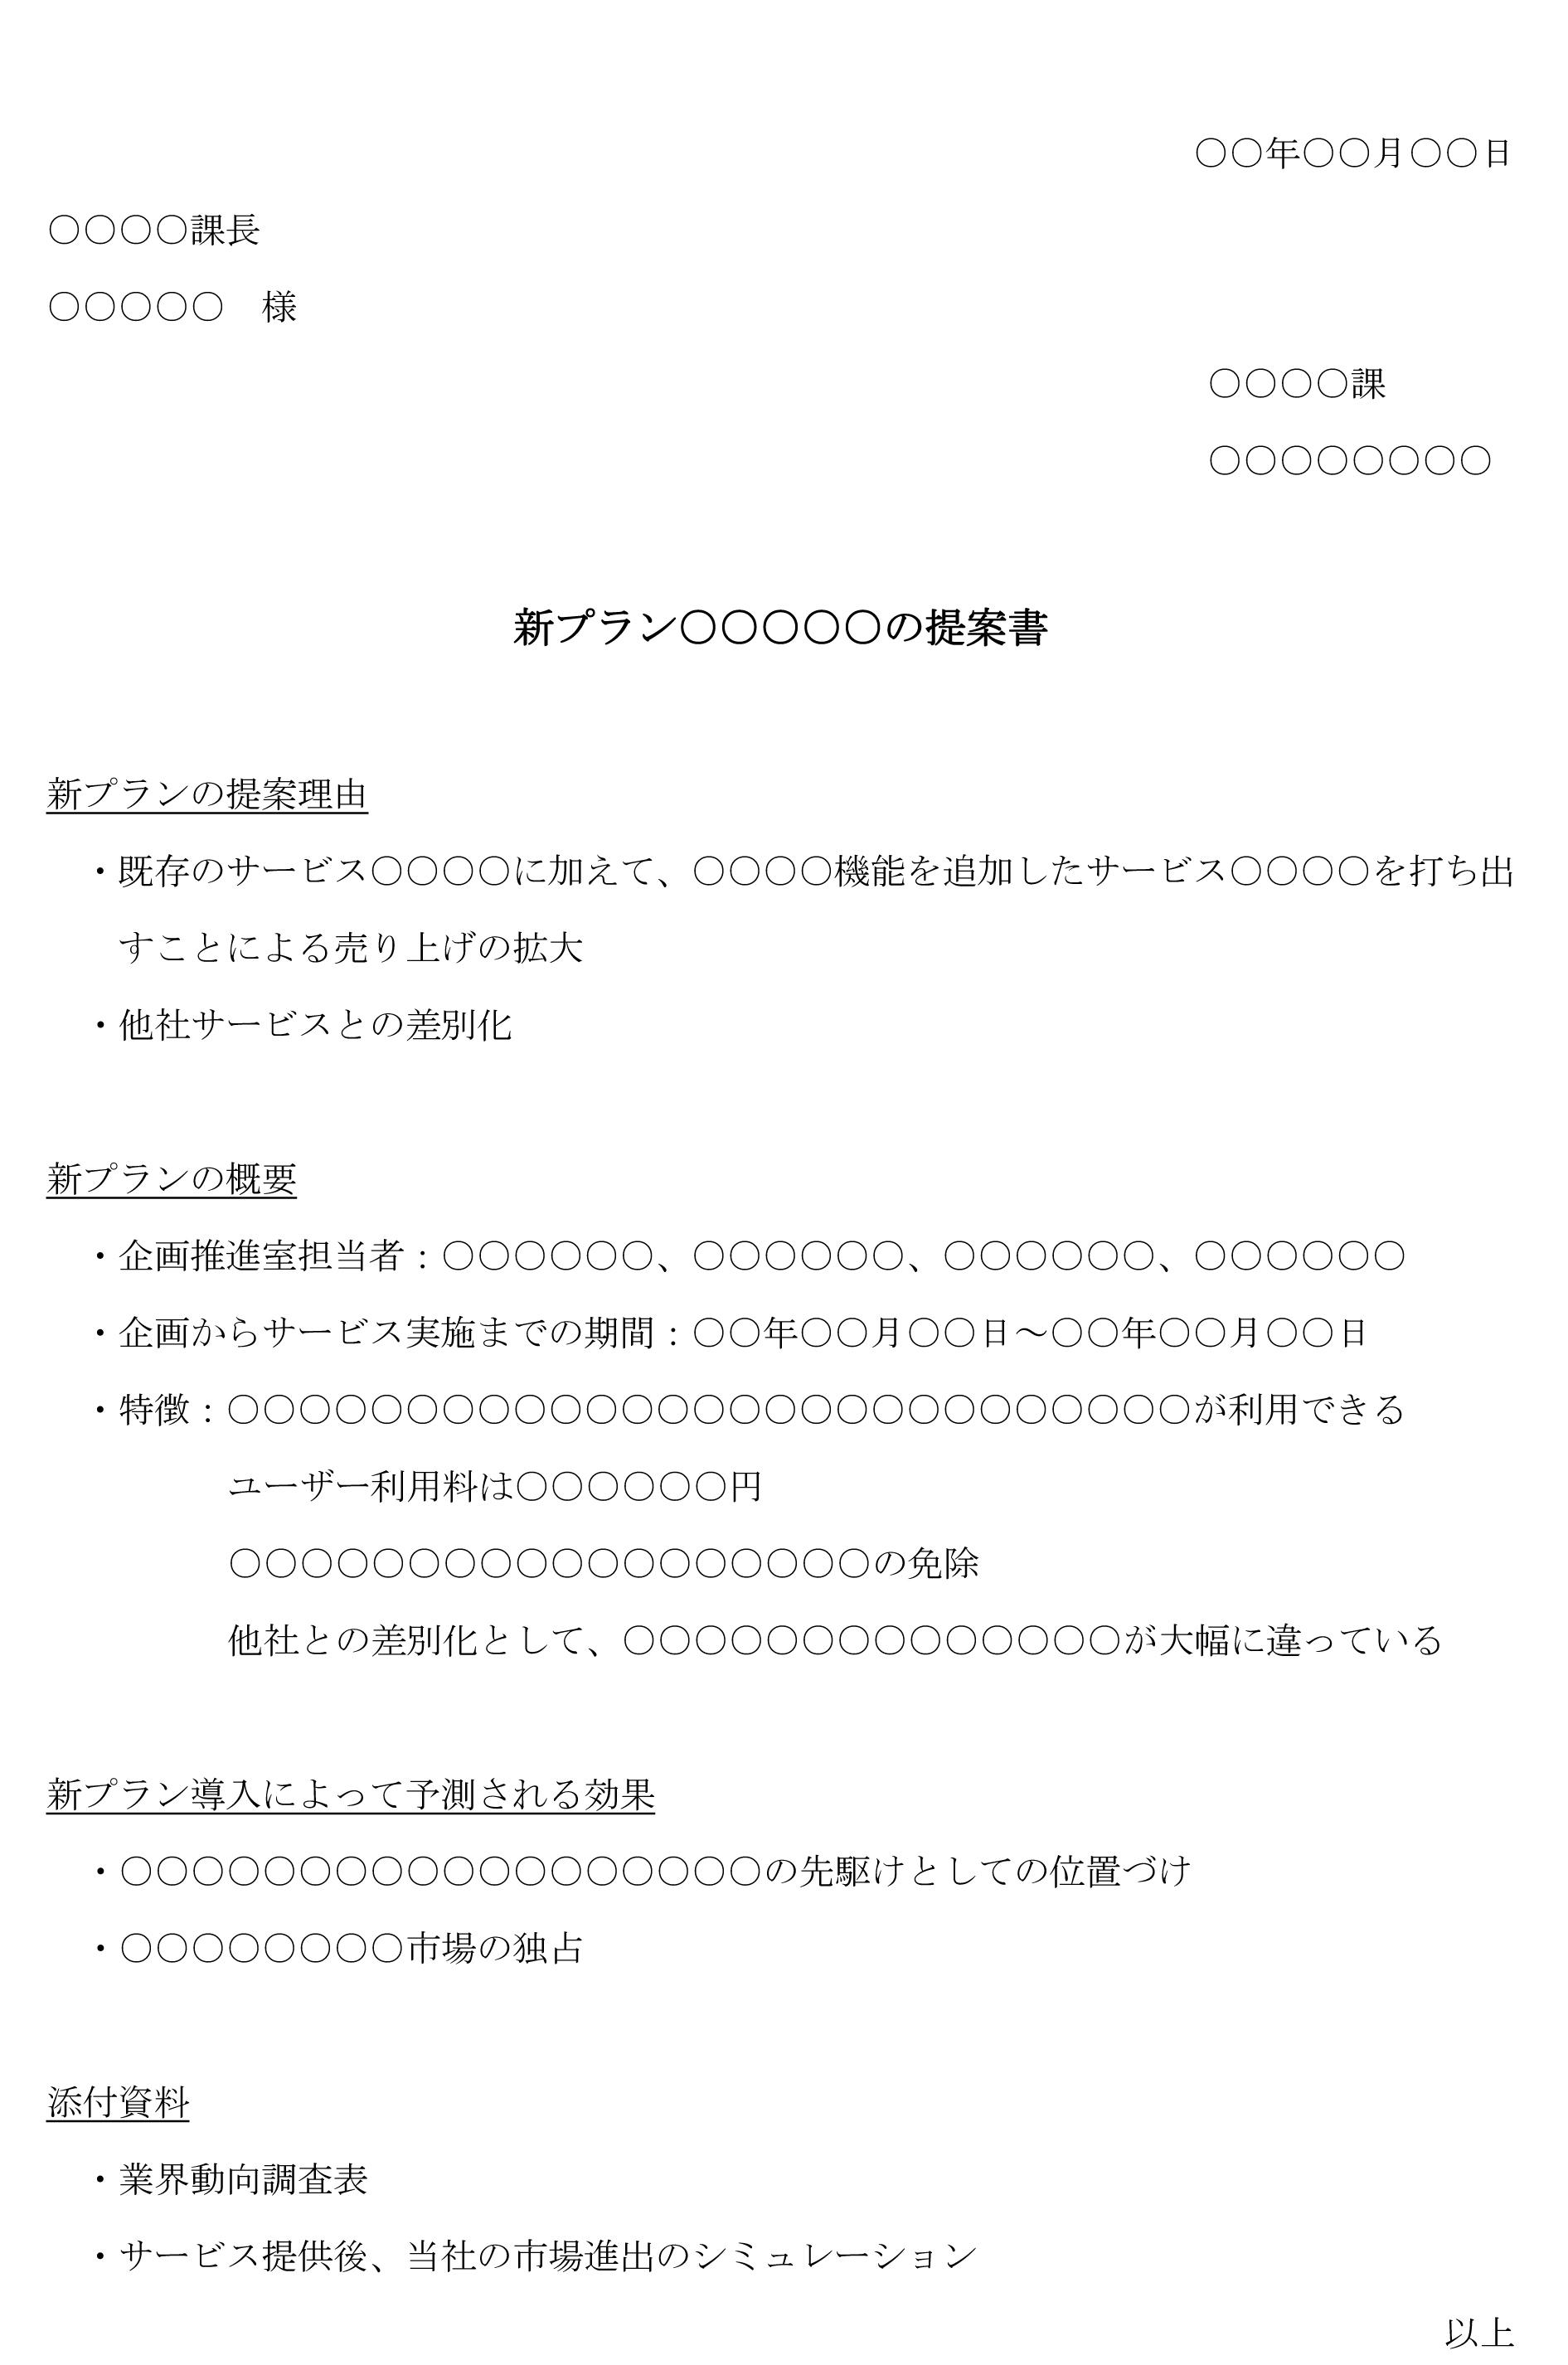 提案書(新サービス立ち上げ)